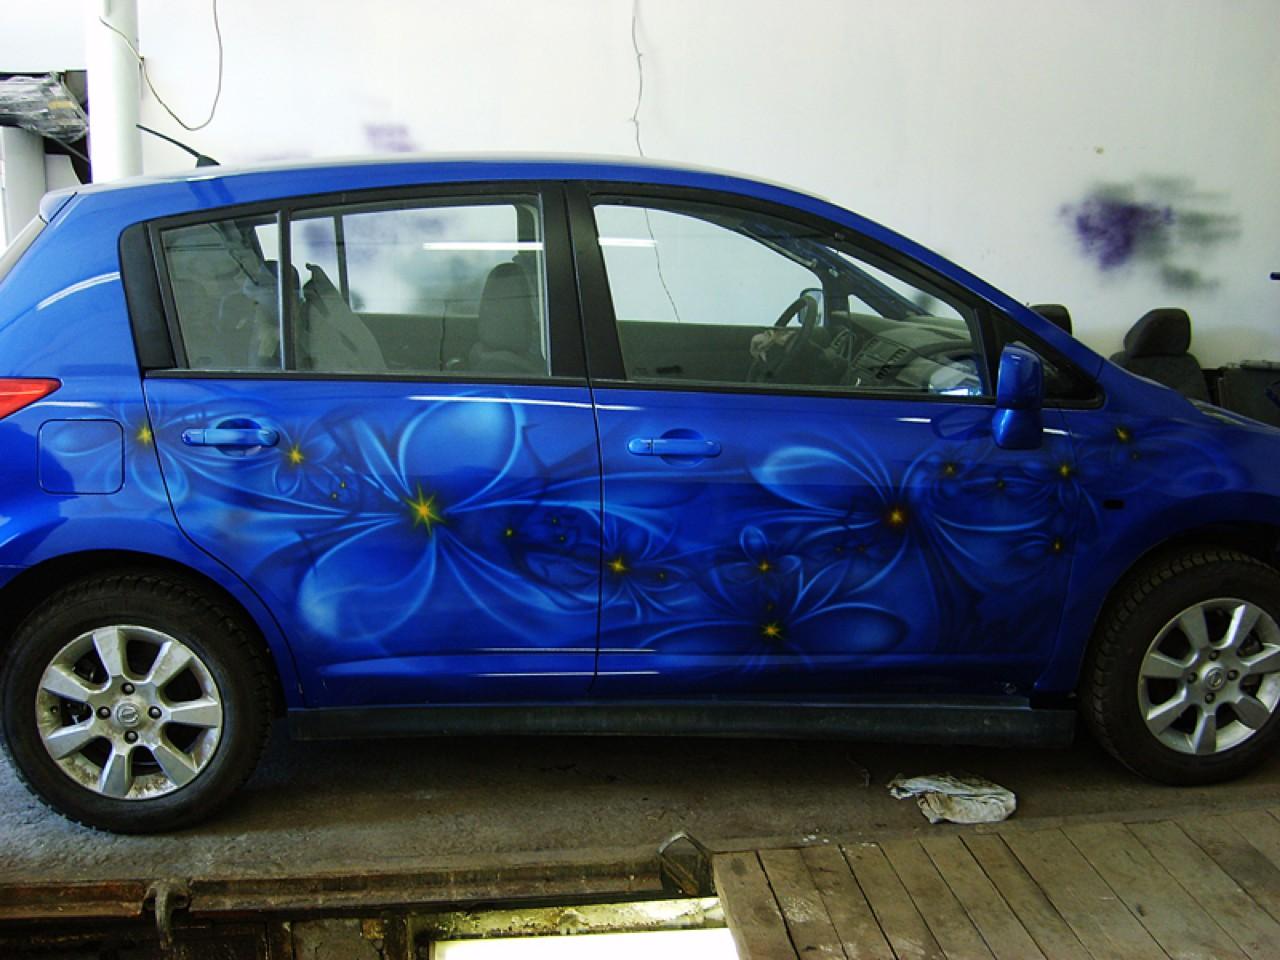 سيارات رائعة بلوحات فنية طبيعية اروع Russia-airbrush-cars-1